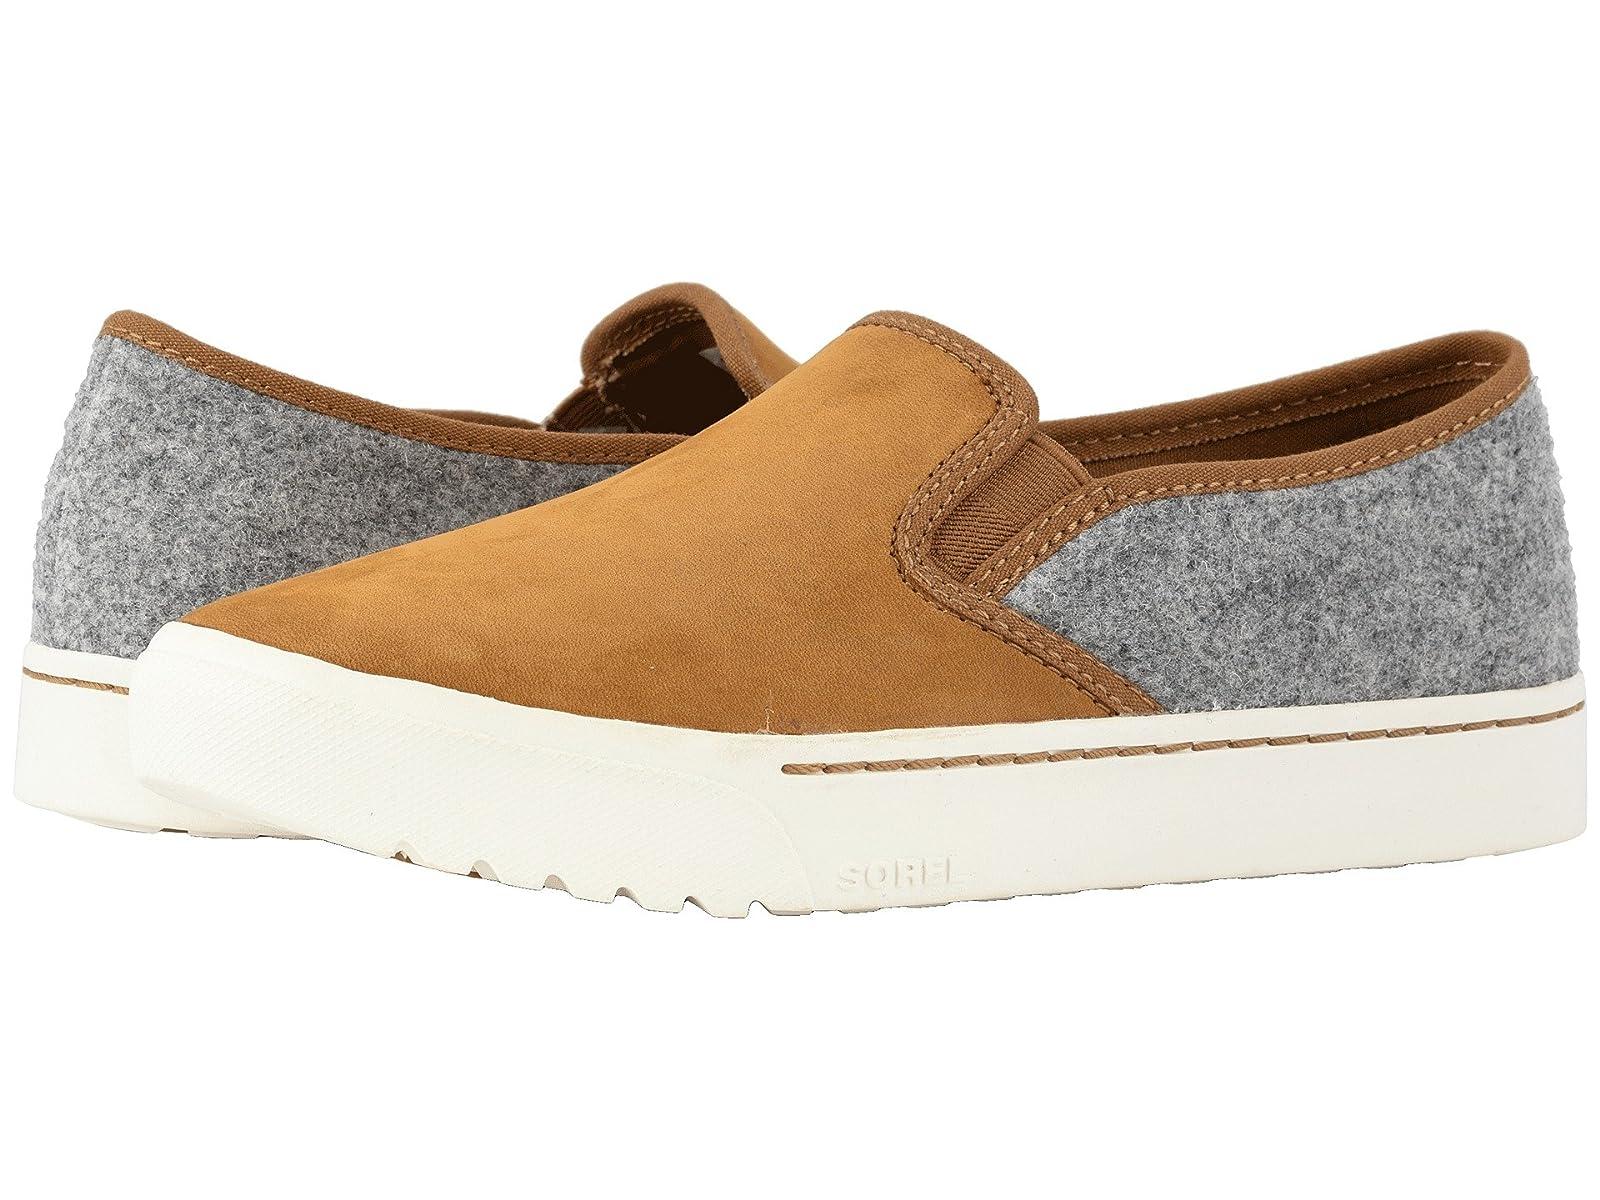 SOREL Campsneak™ SlipAtmospheric grades have affordable shoes